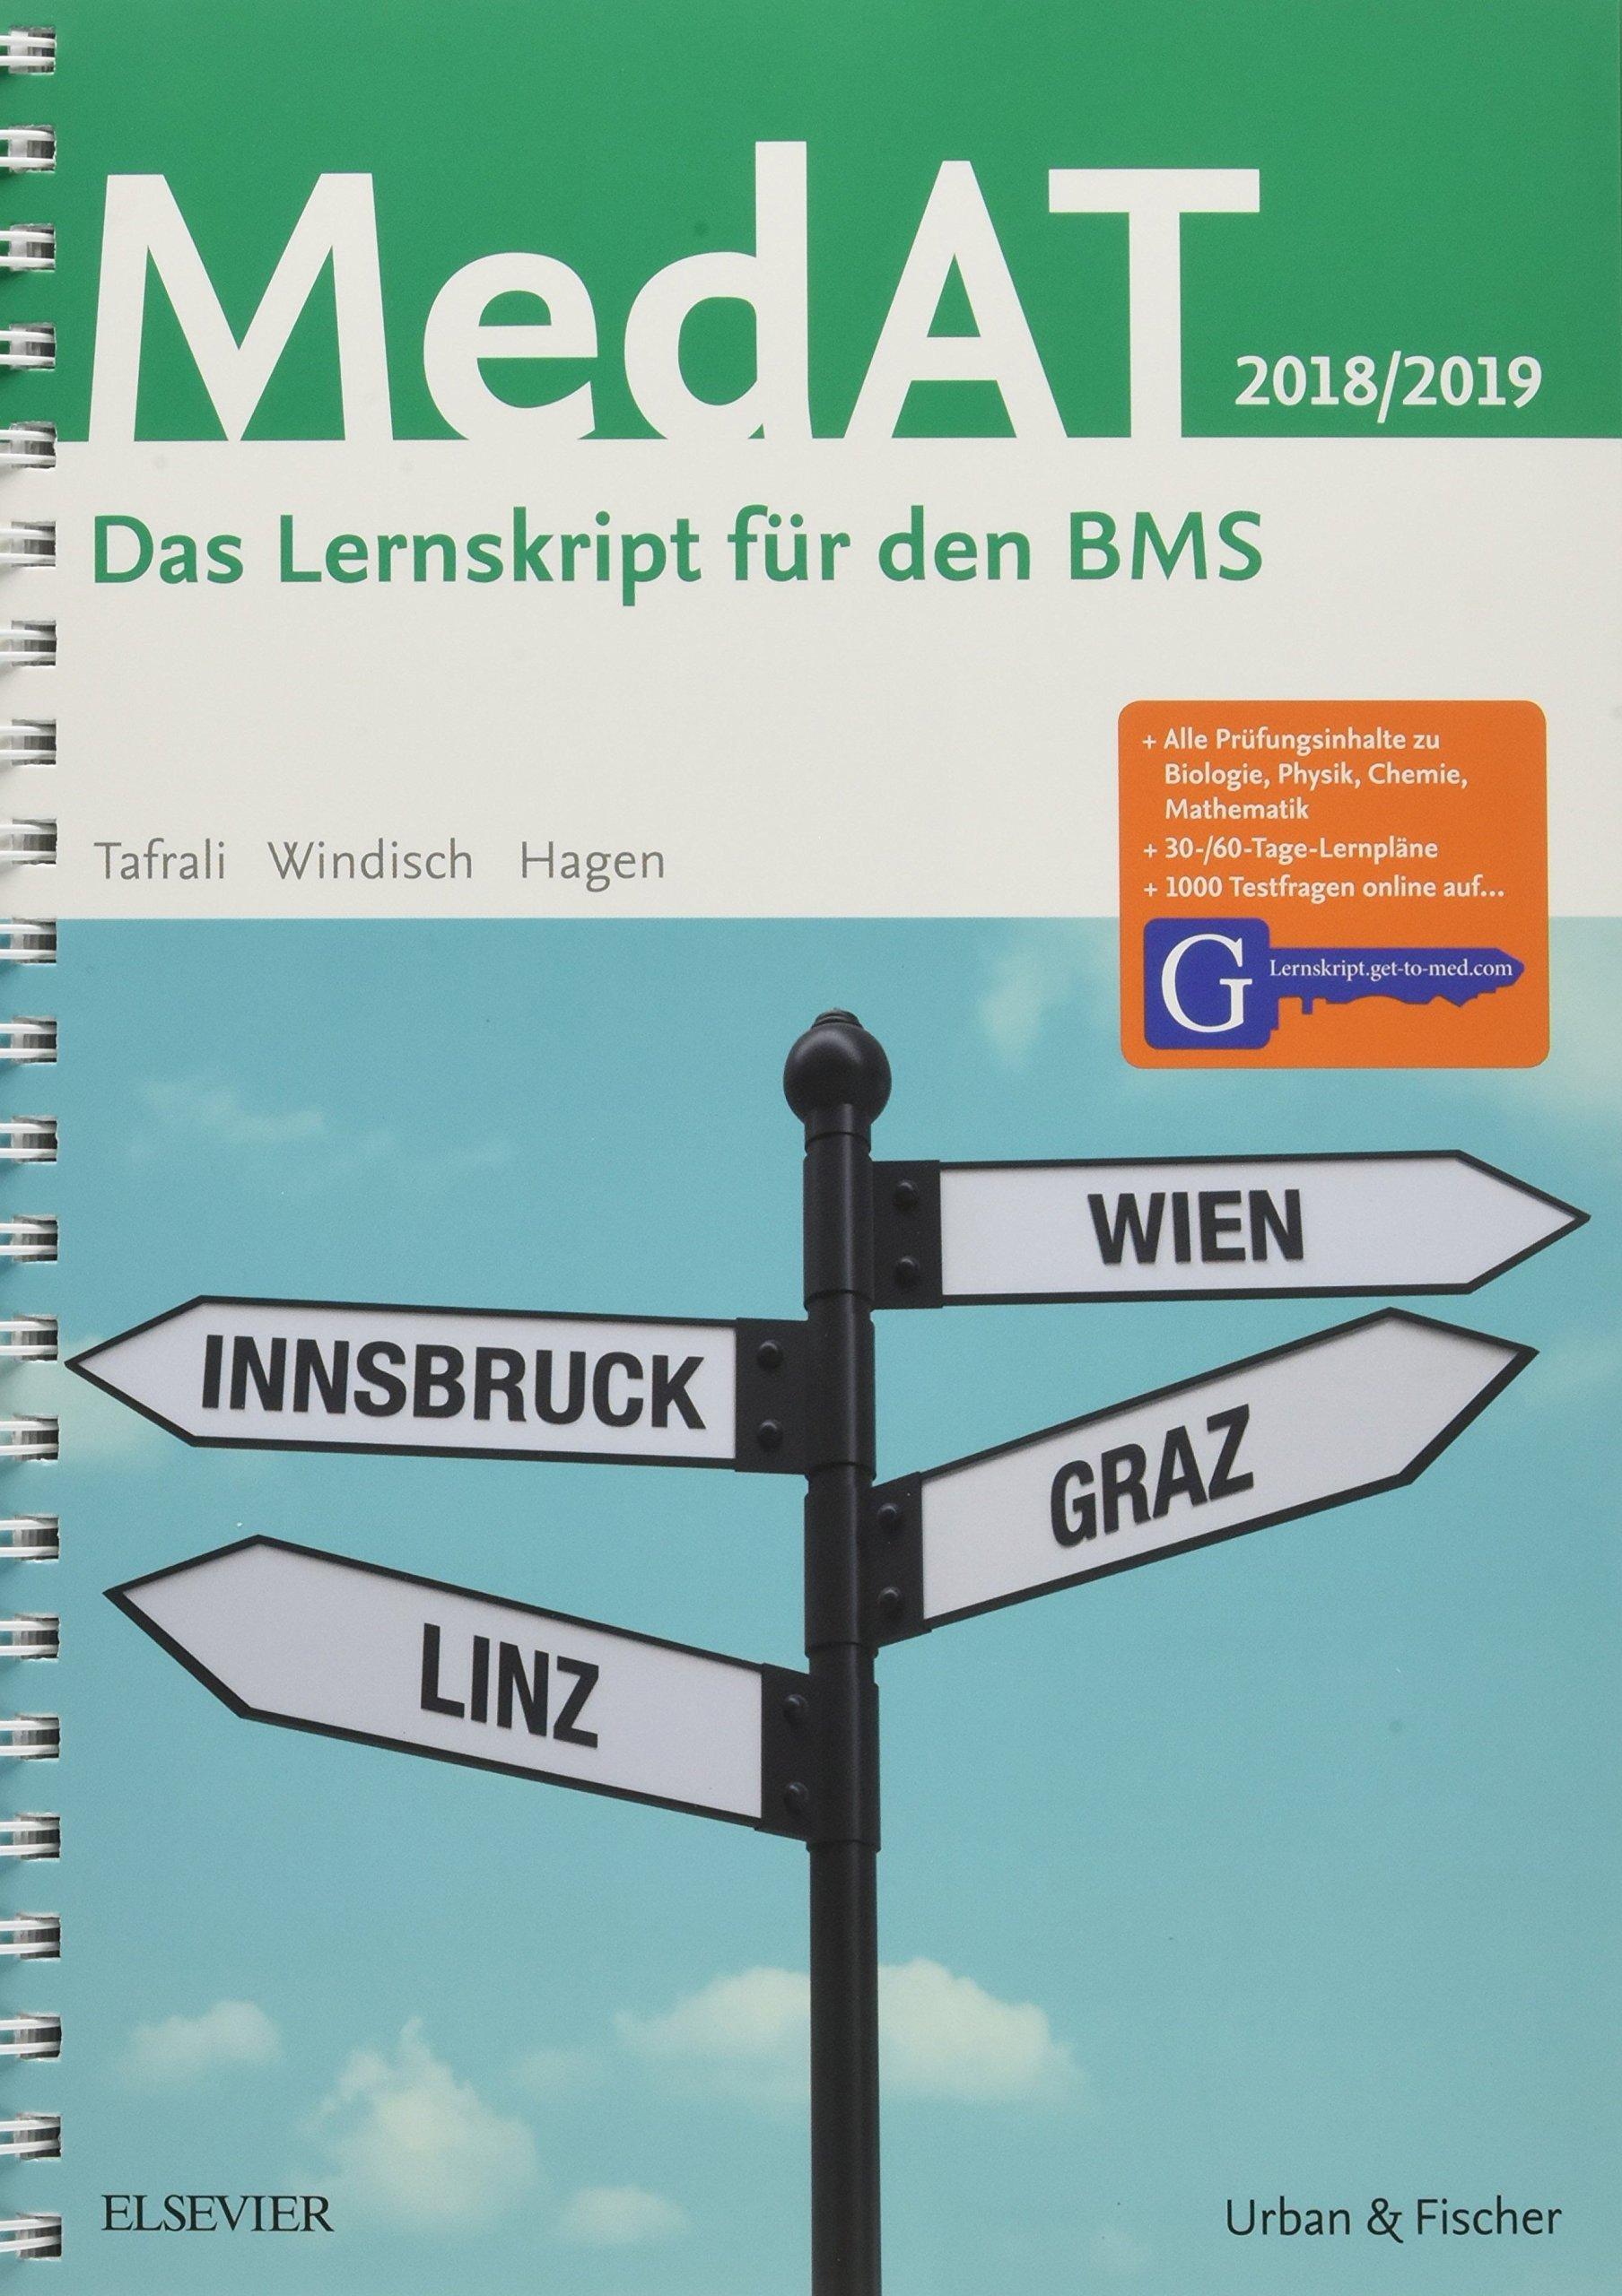 MedAT 2018/19: Das Lernskript für den BMS